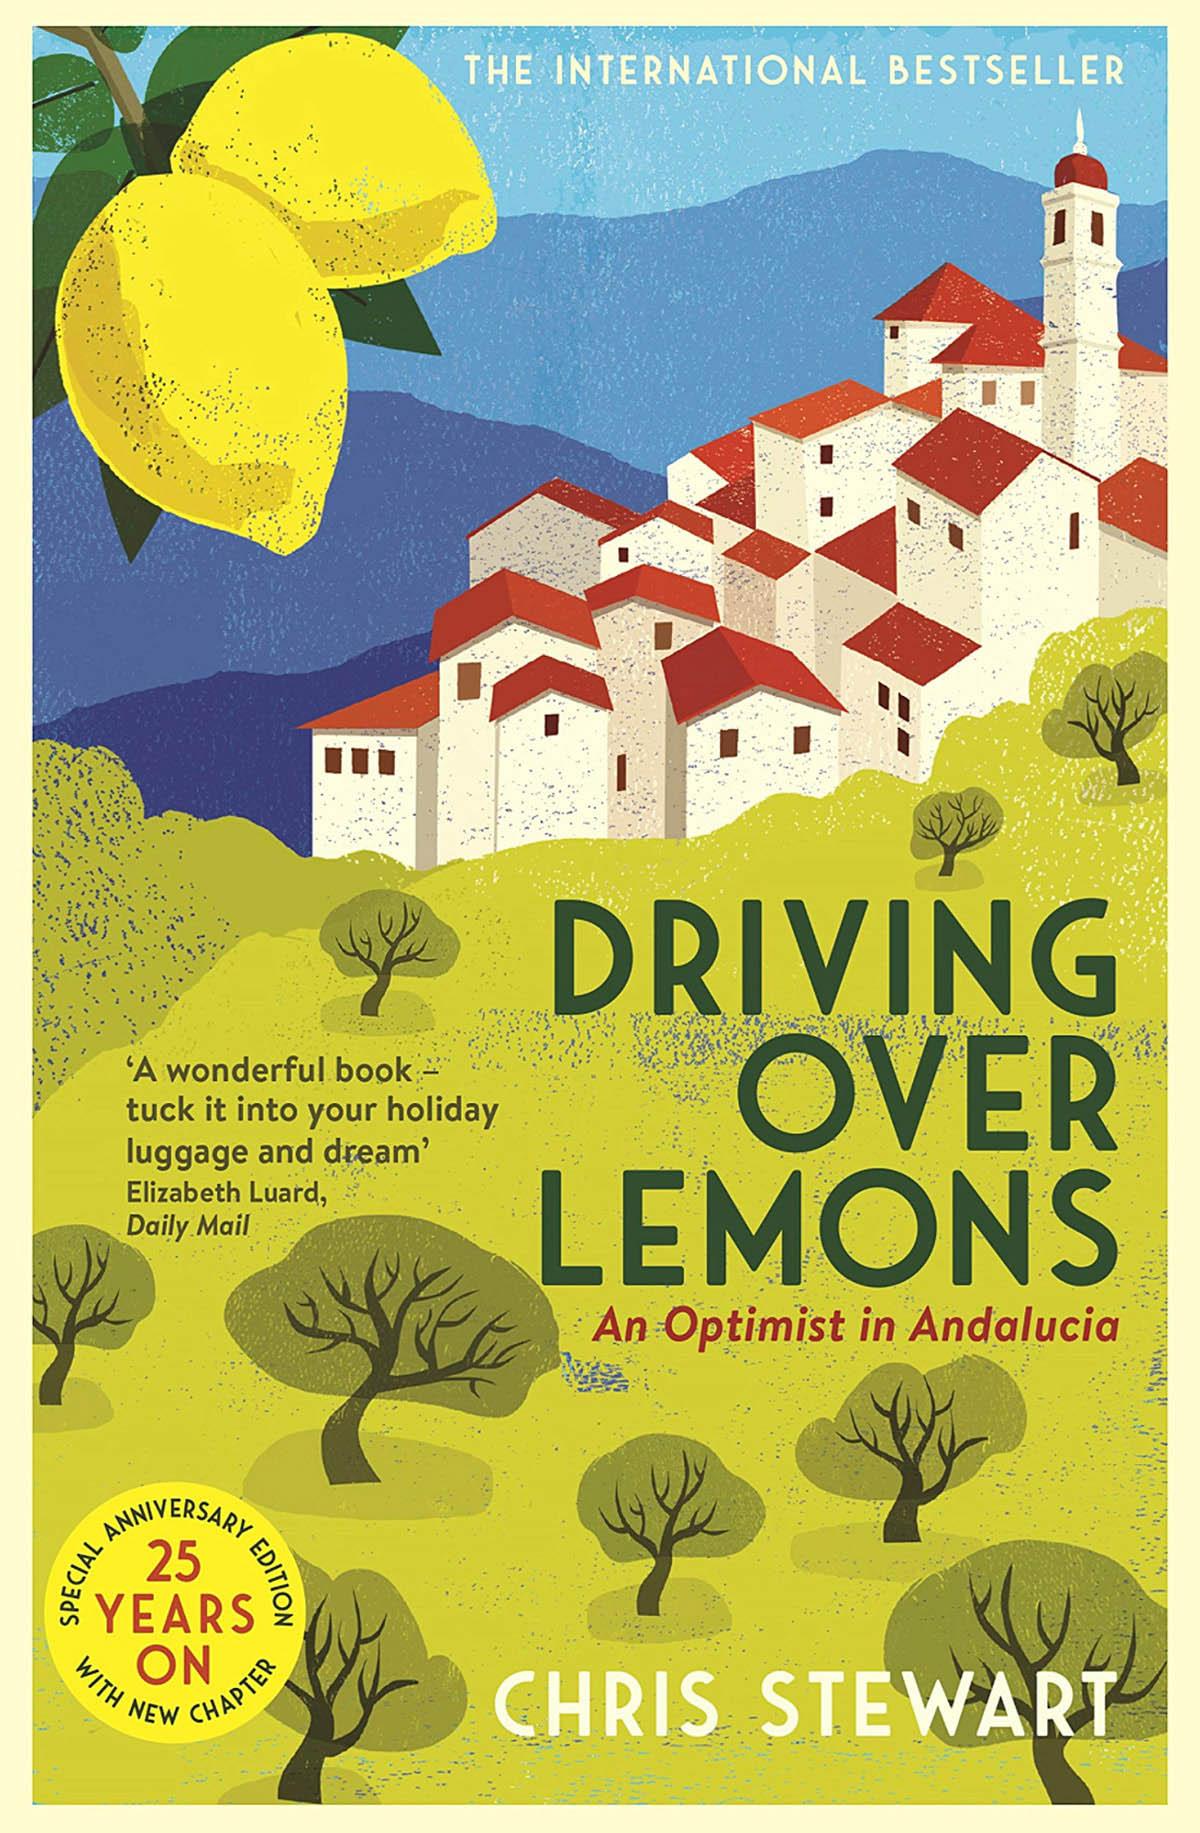 Driving over Lemons cover